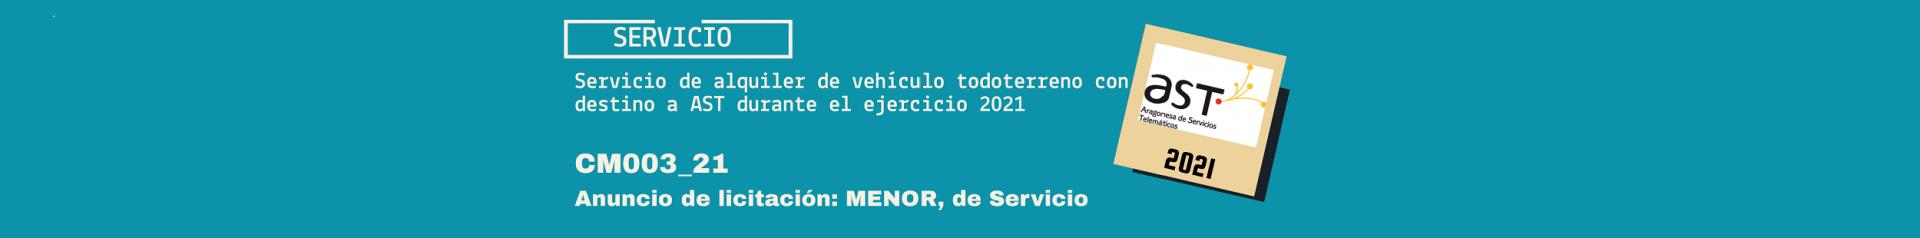 Imagen de licitación CM003_21